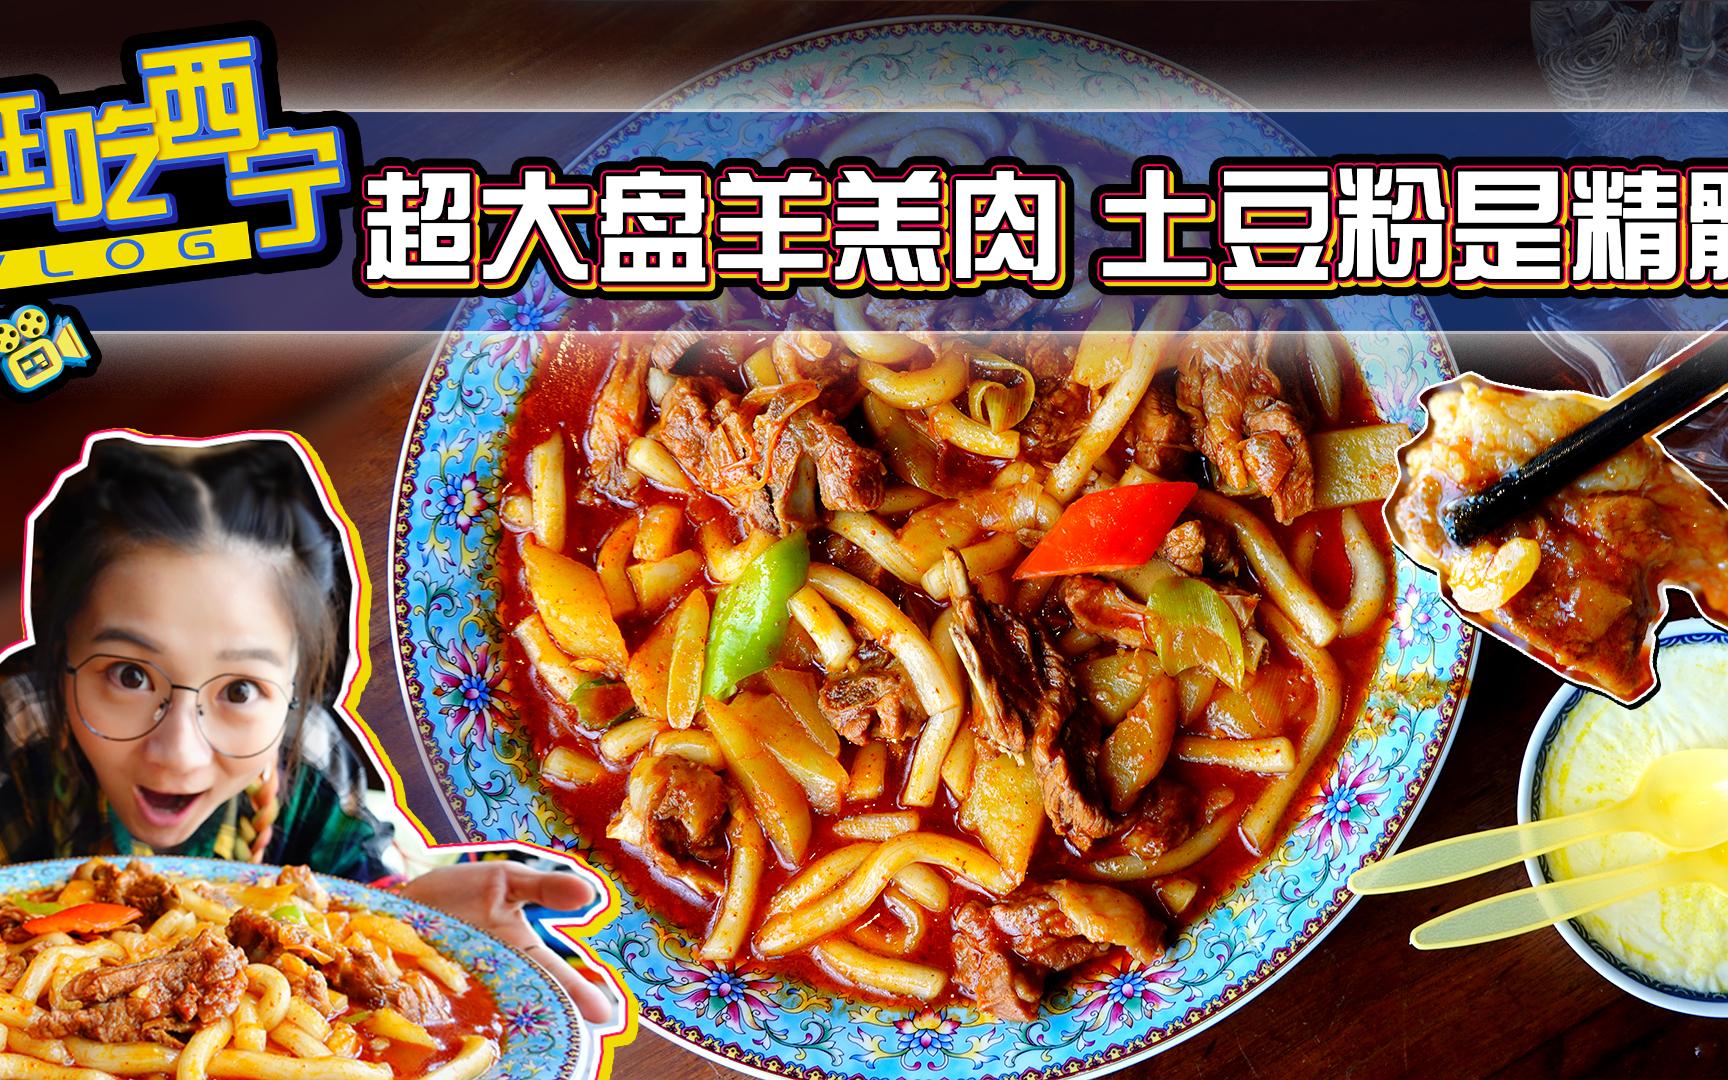 【逛吃西宁】满满土豆粉的羔羊肉,连汤都不舍得放过~面片、搅团也好吃!